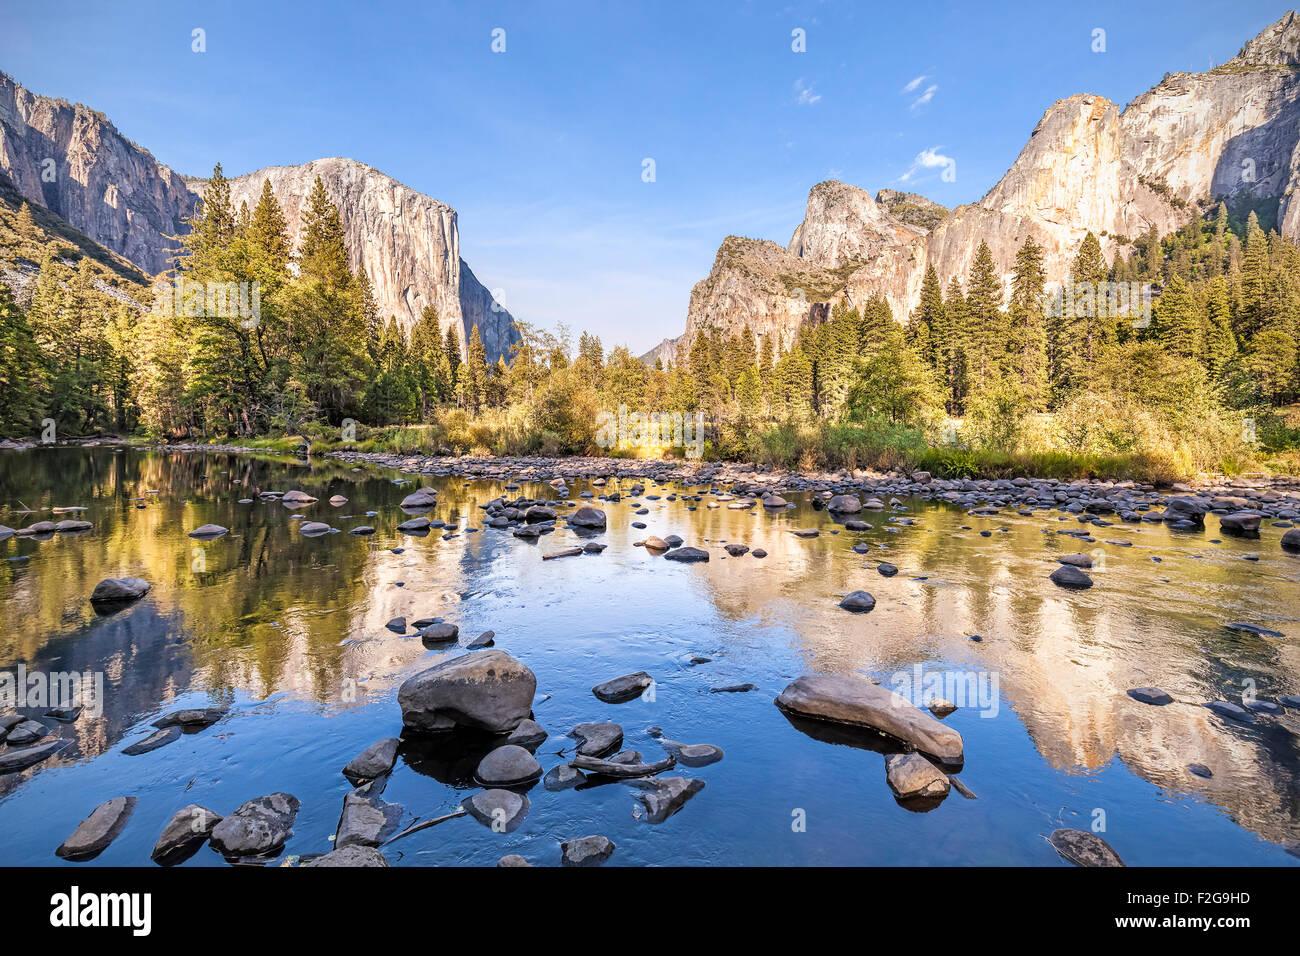 Merced River nel Parco Nazionale di Yosemite al tramonto, California, Stati Uniti d'America. Immagini Stock